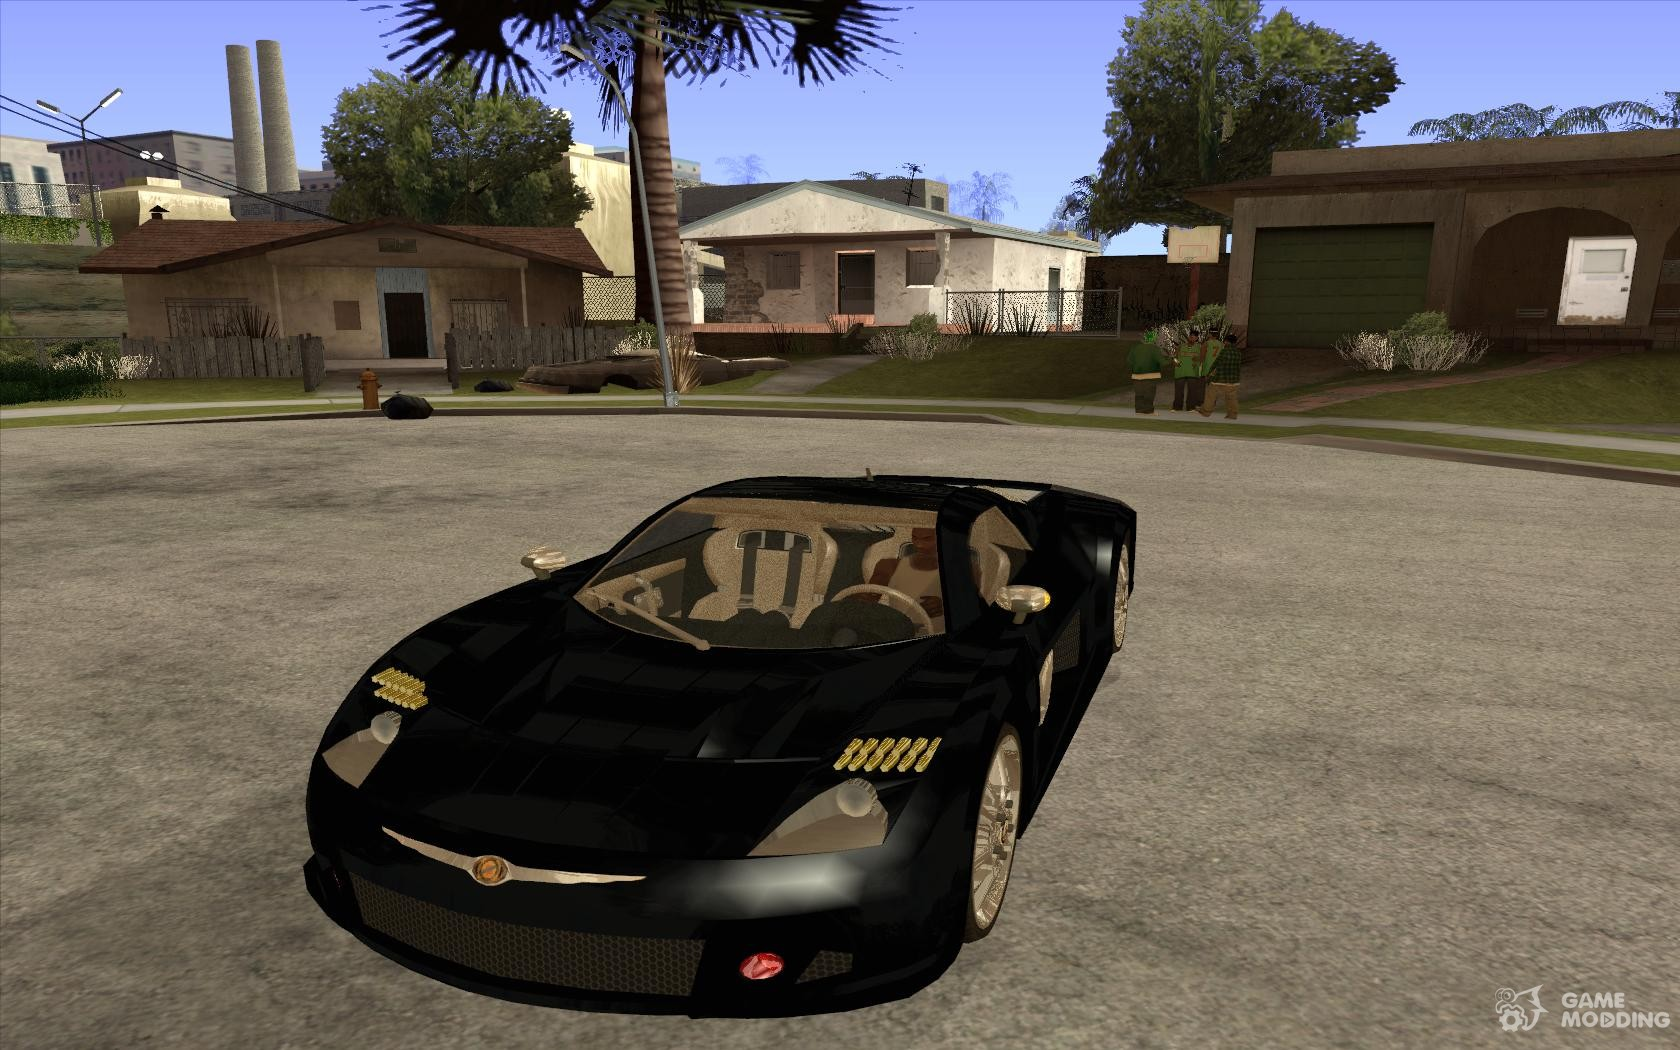 Chrysler ME Four-Twelve Concept for GTA San Andreas on chrysler me 412 engine, chrysler a engine, chrysler howler, chrysler woody, chrysler ccv, chrysler c body, chrysler patriot, chrysler me 412 specifications, chrysler me 412 top speed, chrysler prowler, chrysler dealer locator, chrysler sedan delivery, chrysler touring, chrysler mini van, chrysler starion, chrysler sebring, chrysler me 412 wallpaper, chrysler hhr,